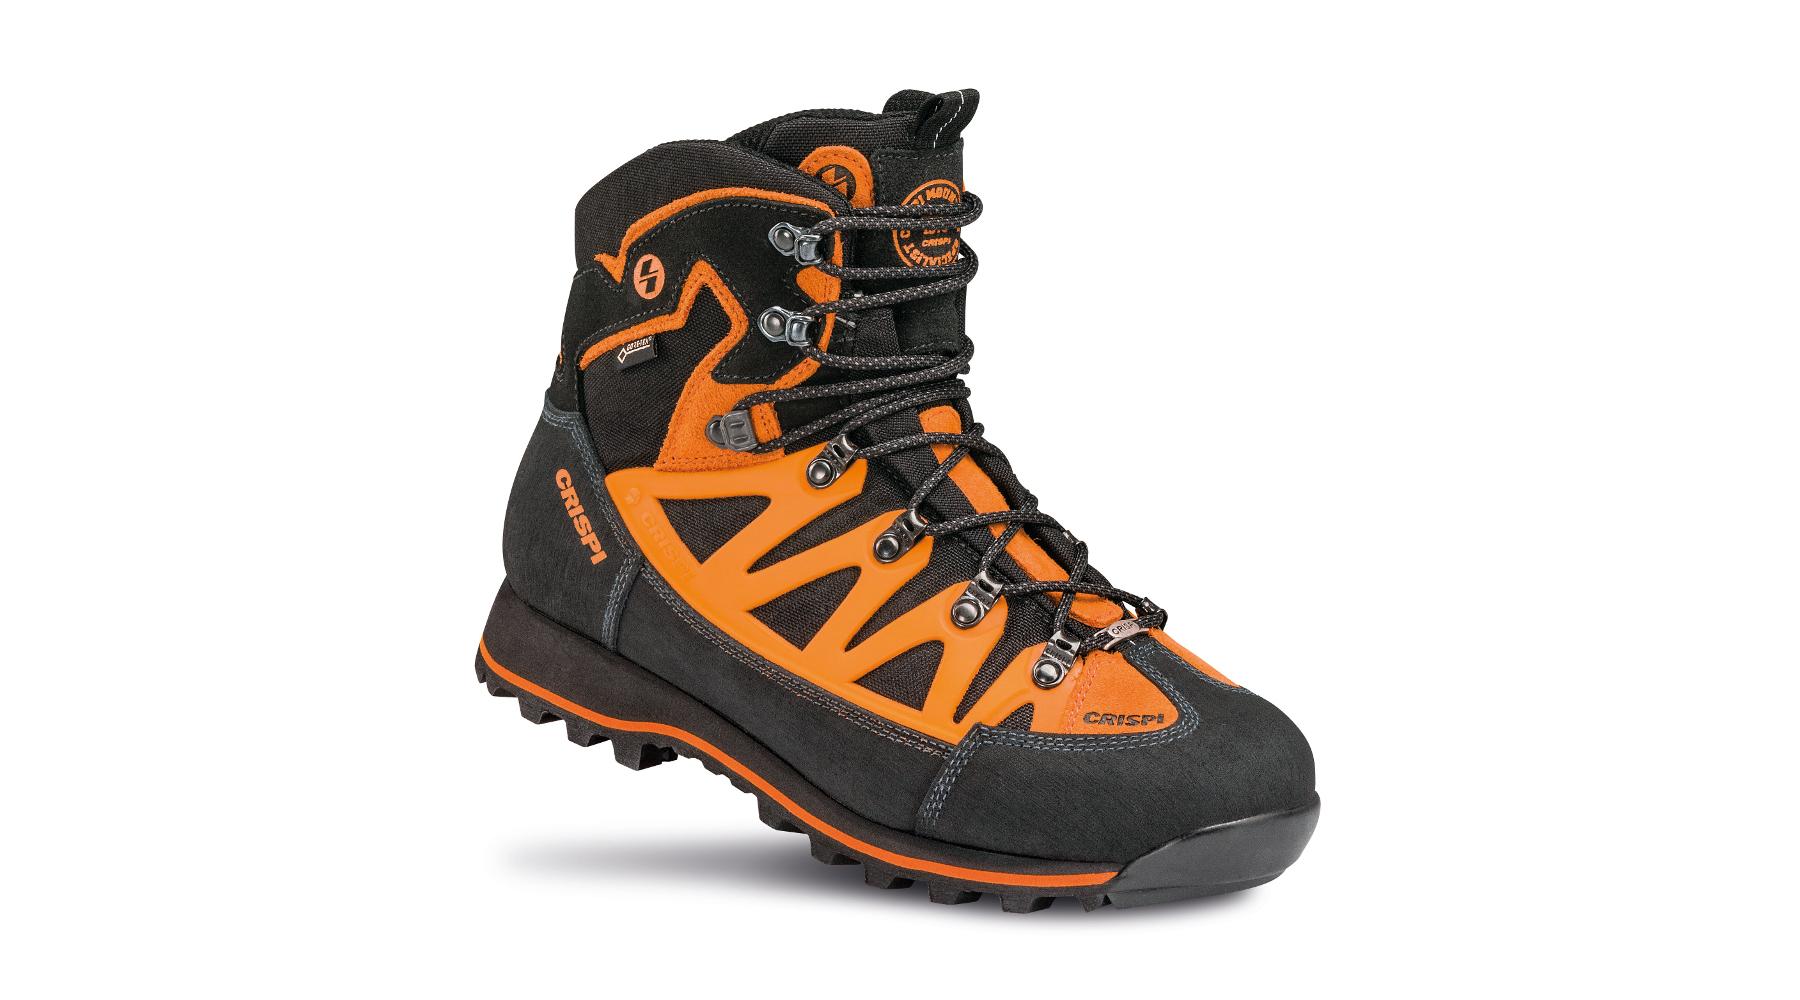 Crispi Ascent Plus Gtx, lo scarpone per la caccia di inizio stagione